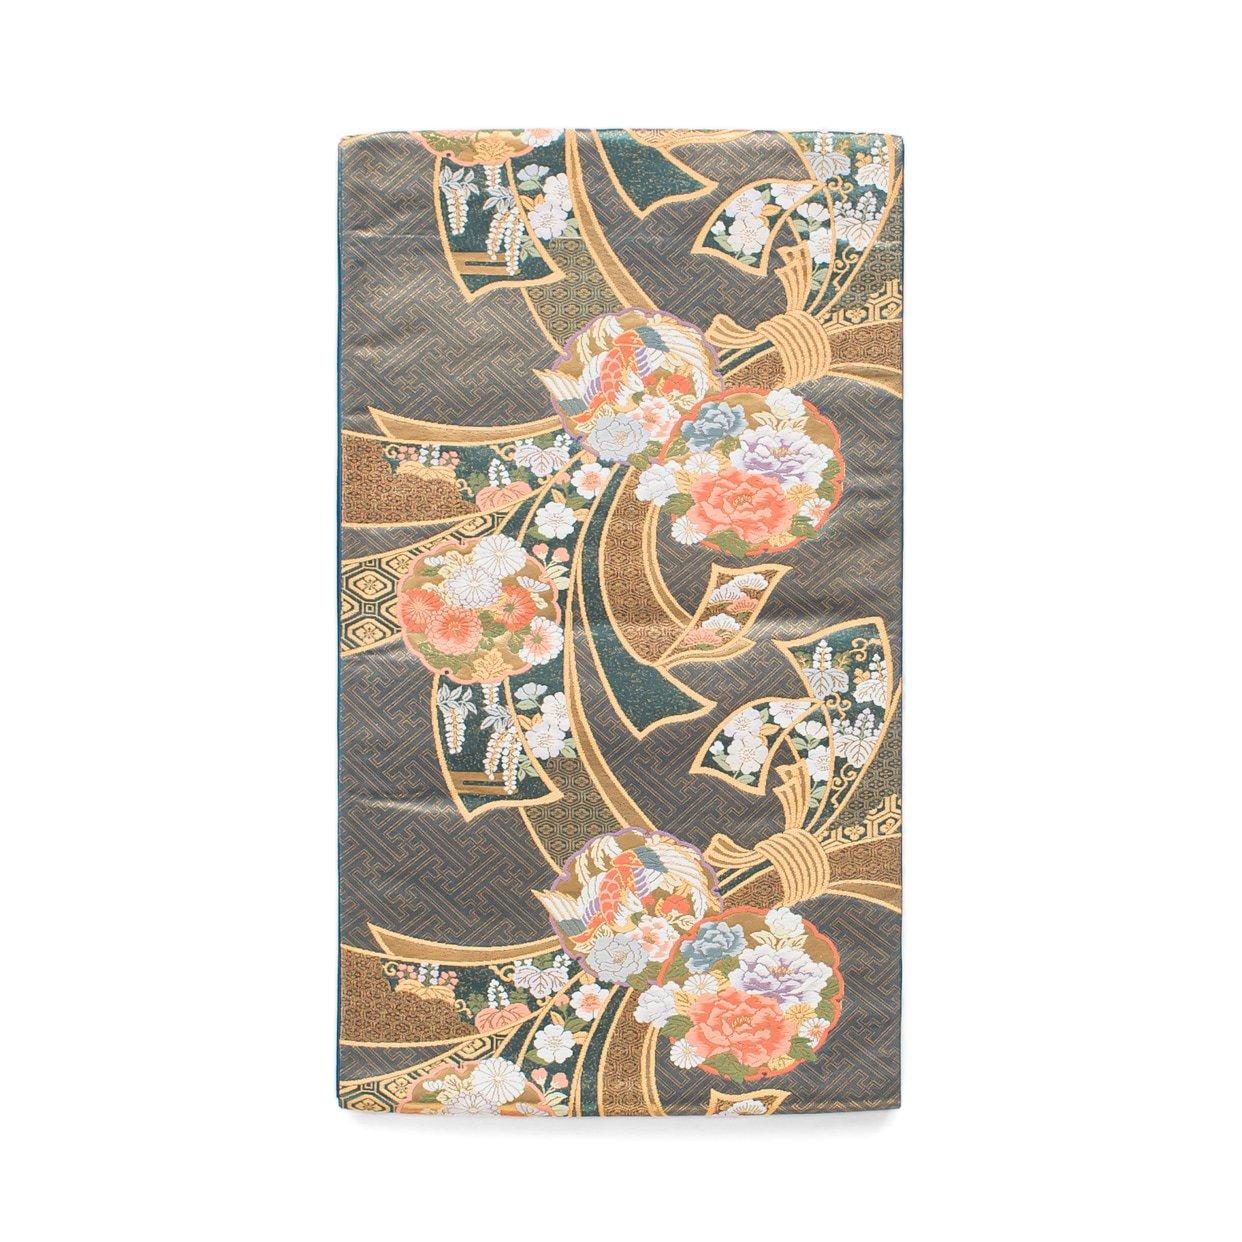 「袋帯●束ね熨斗と花の雪輪」の商品画像